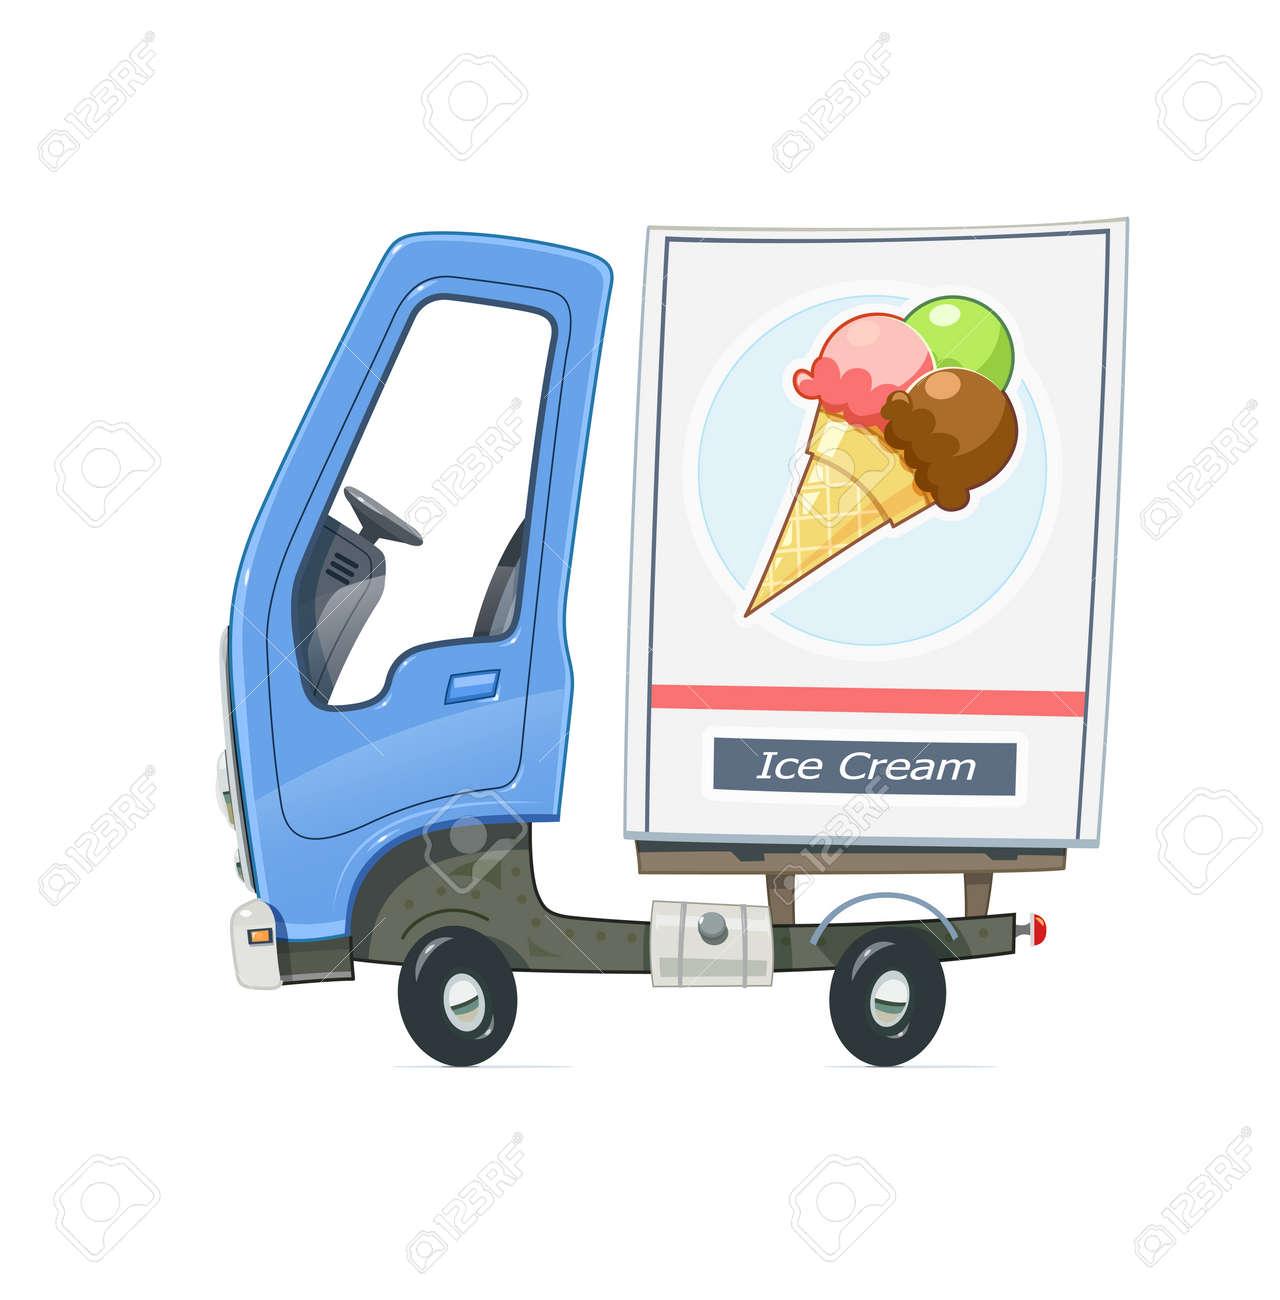 How do I transport a refrigerator